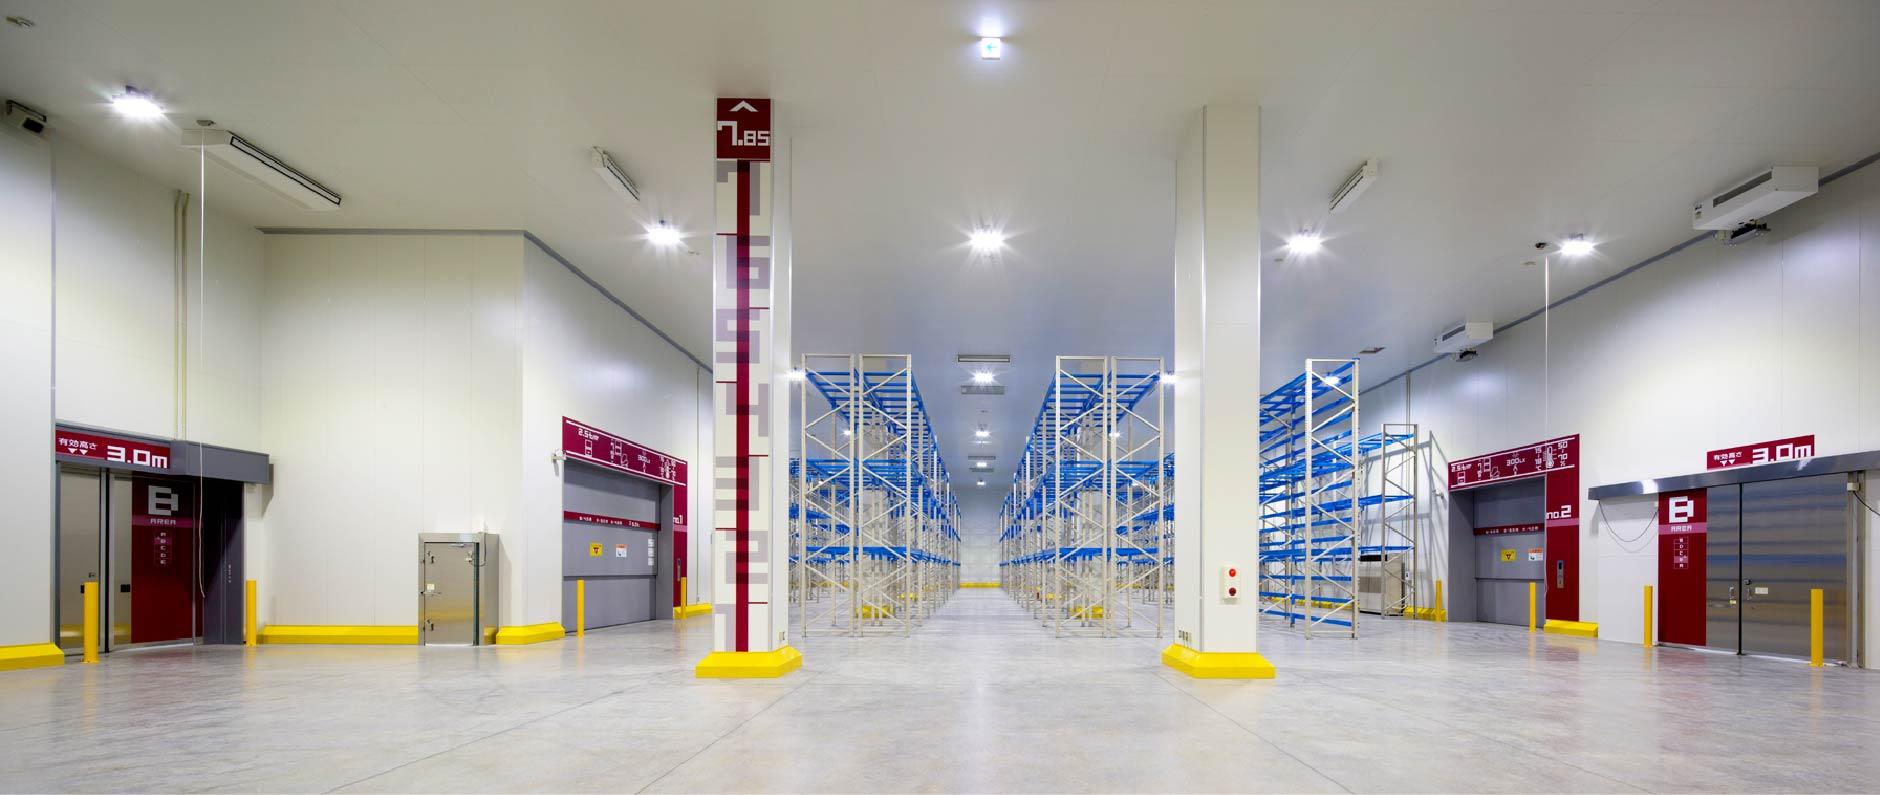 当社は、物流業を営む鈴与株式会社から独立するかたちで創立した背景を持つことから、物流センター・倉庫建築に関する数多くの技術と実績を積み重ねてきました。豊富なノウハウをもとに、高水準のサービスをご提供します。